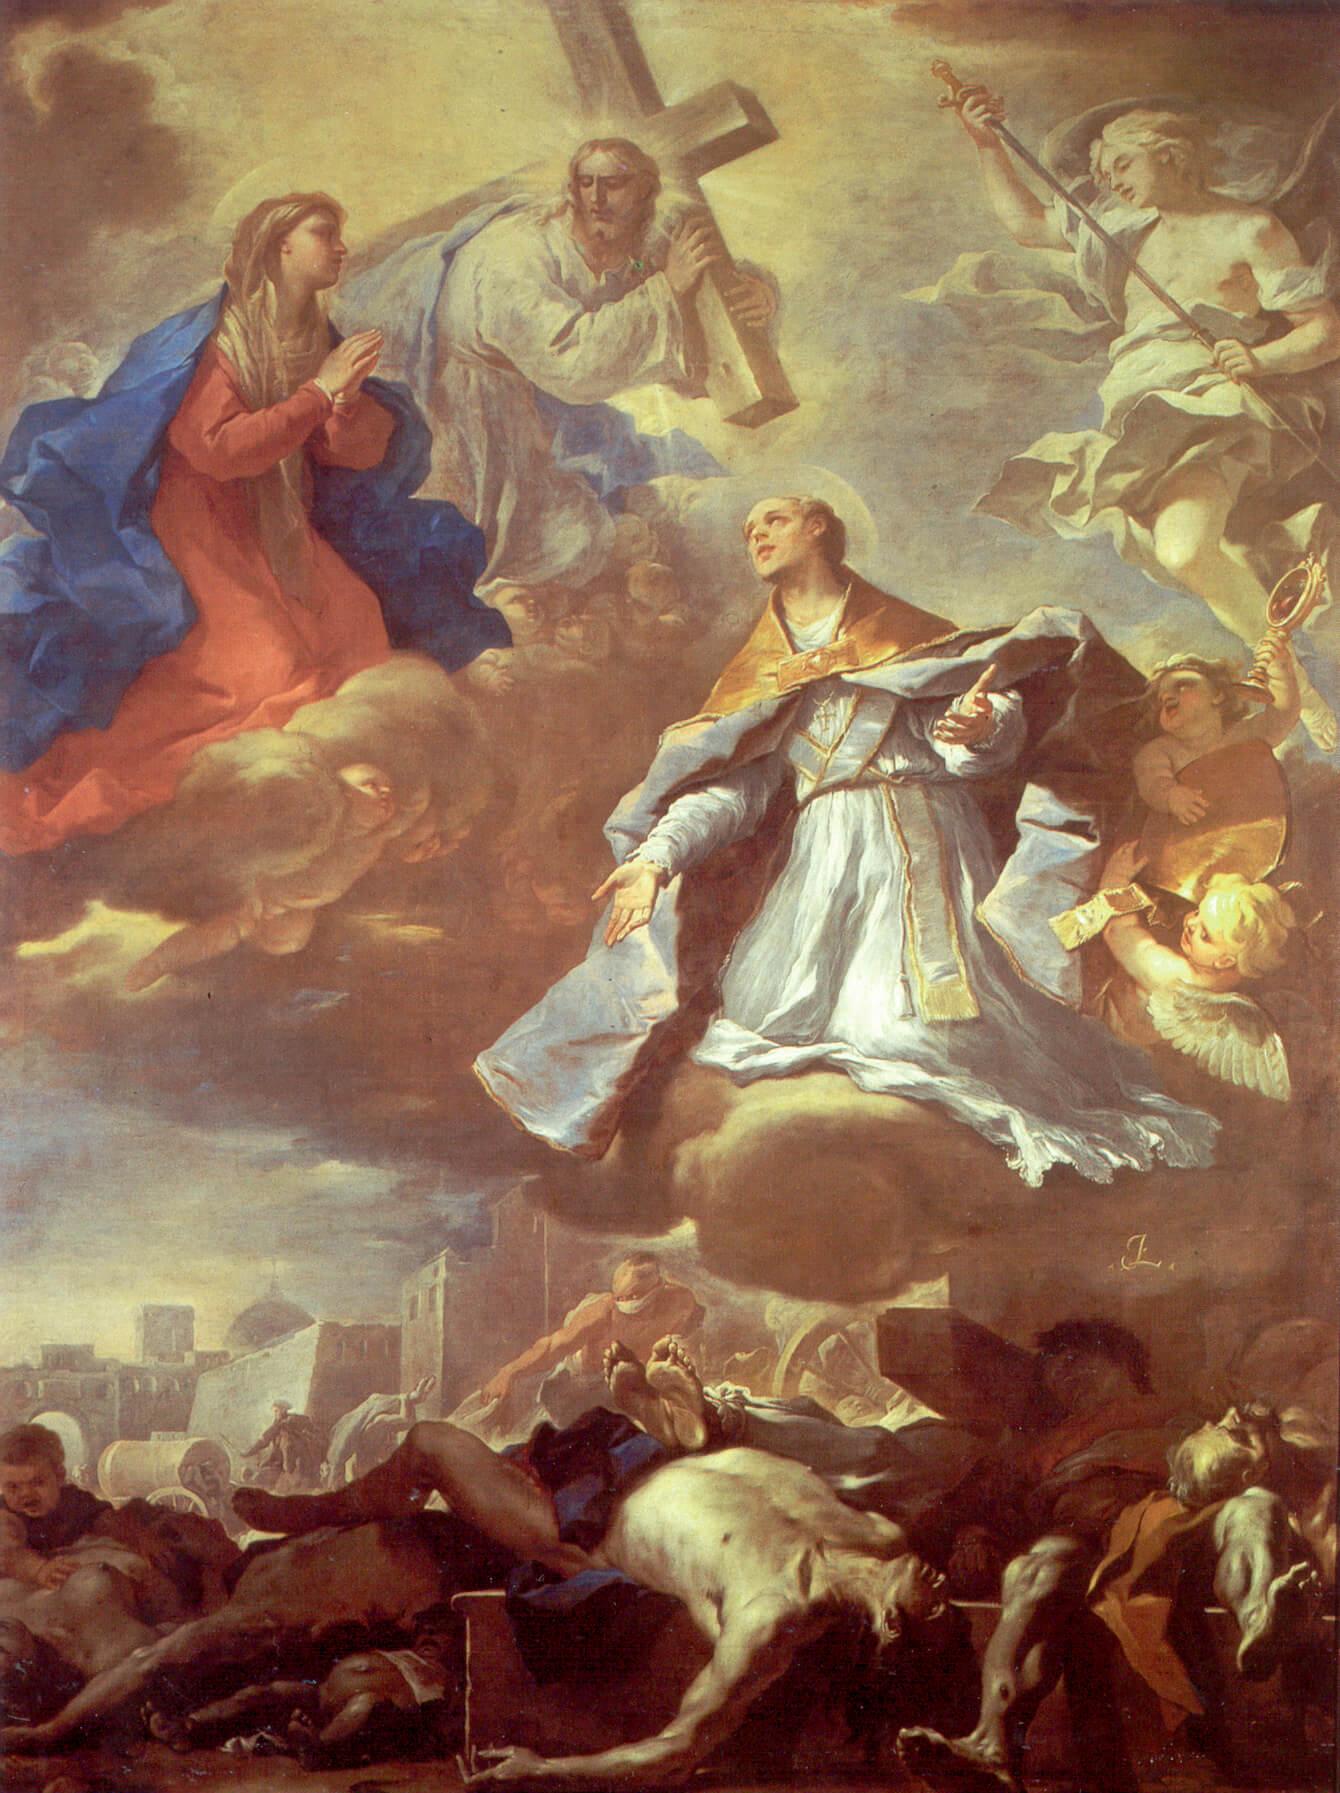 Лука Джордано - картина Святой Януарий спасает Неаполь от чумы